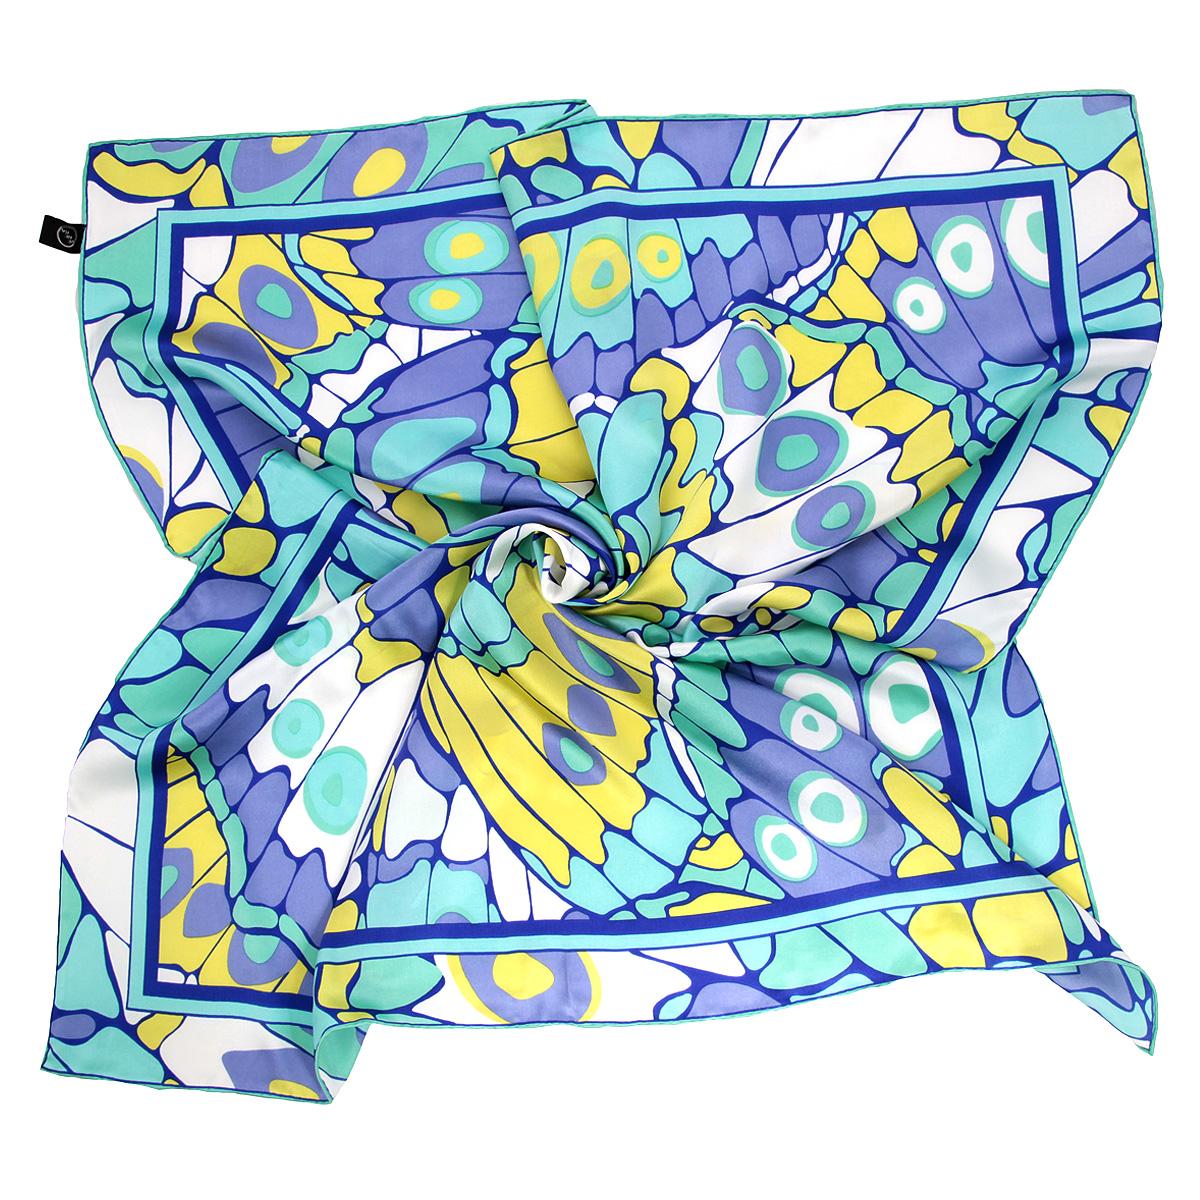 Платок женский Venera, цвет: бирюзовый, желтый, сиреневый. 1801629-10. Размер 90 см х 90 см1801629-10 ПлатокОчаровательный платок Venera подчеркнет ваш неповторимый образ. Изделие выполнено из натурального шелка и оформлено ярким орнаментом. Края платка обработаны вручную. Этот модный аксессуар женского гардероба гармонично дополнит образ современной женщины, следящей за своим имиджем и стремящейся всегда оставаться стильной и элегантной.